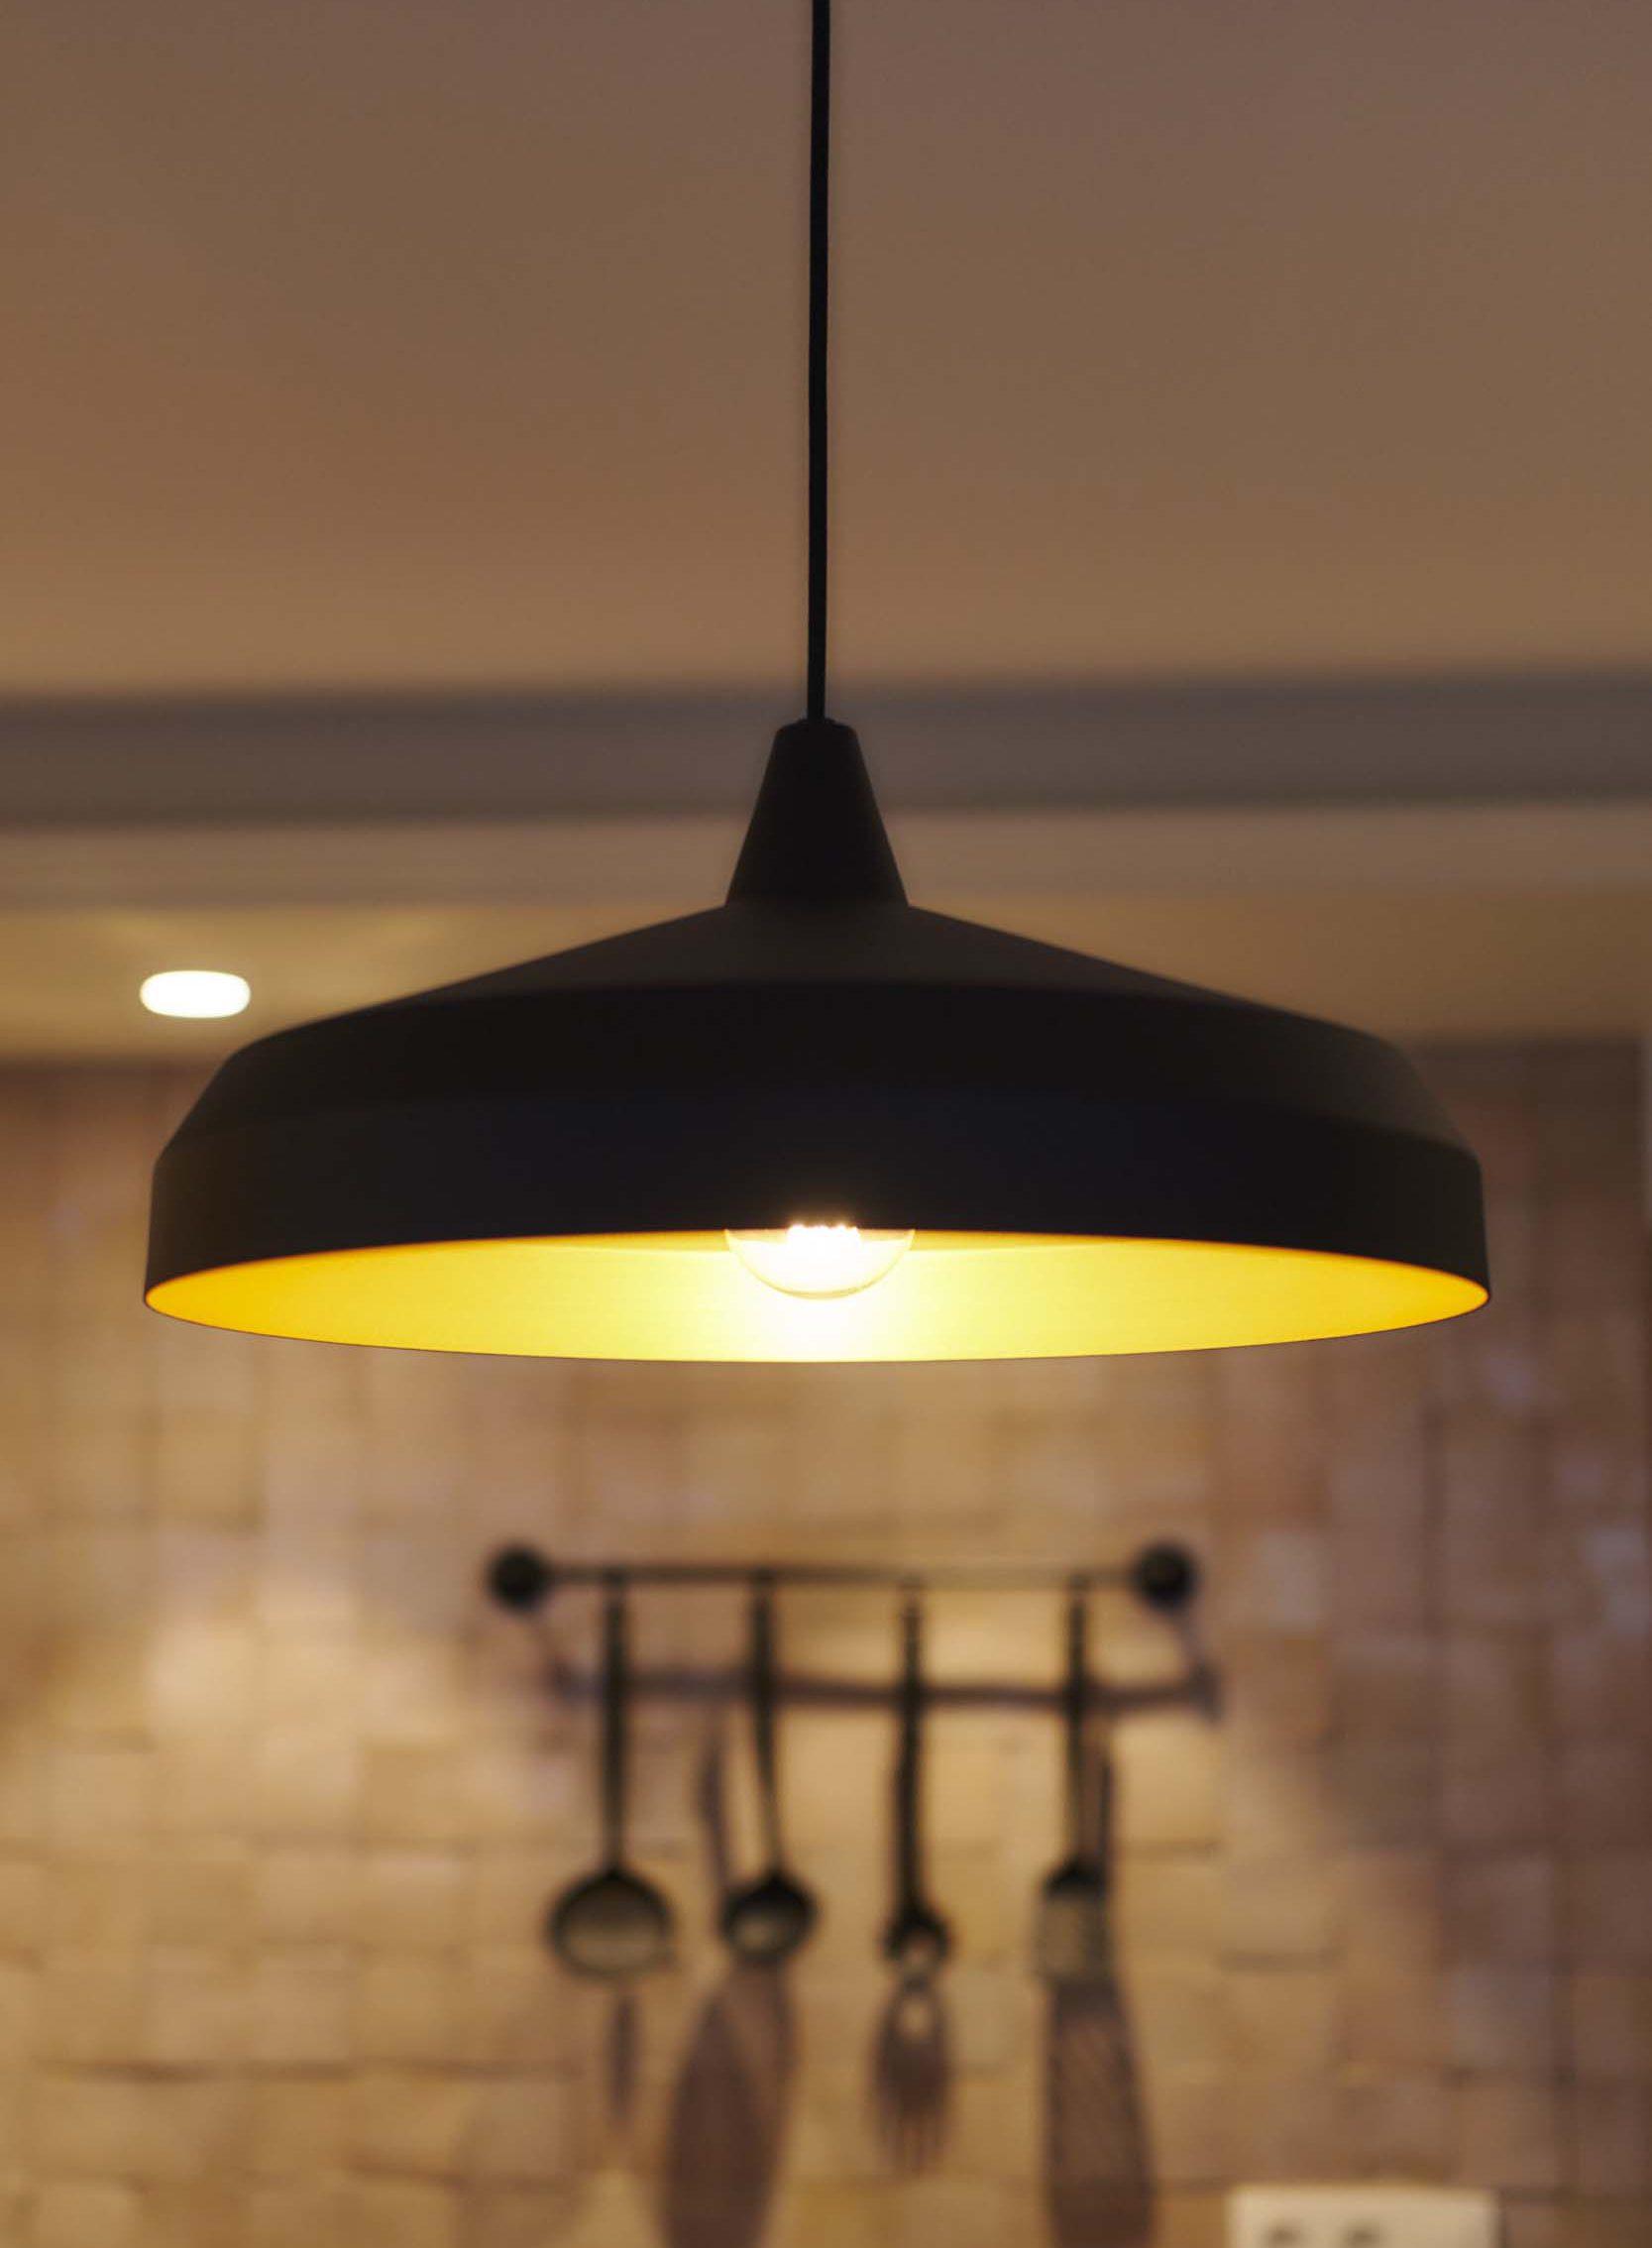 Vanda-projects-interieurinrichting-meubelmakerij-oost-vlaanderen-vilez-lamp-inrichting